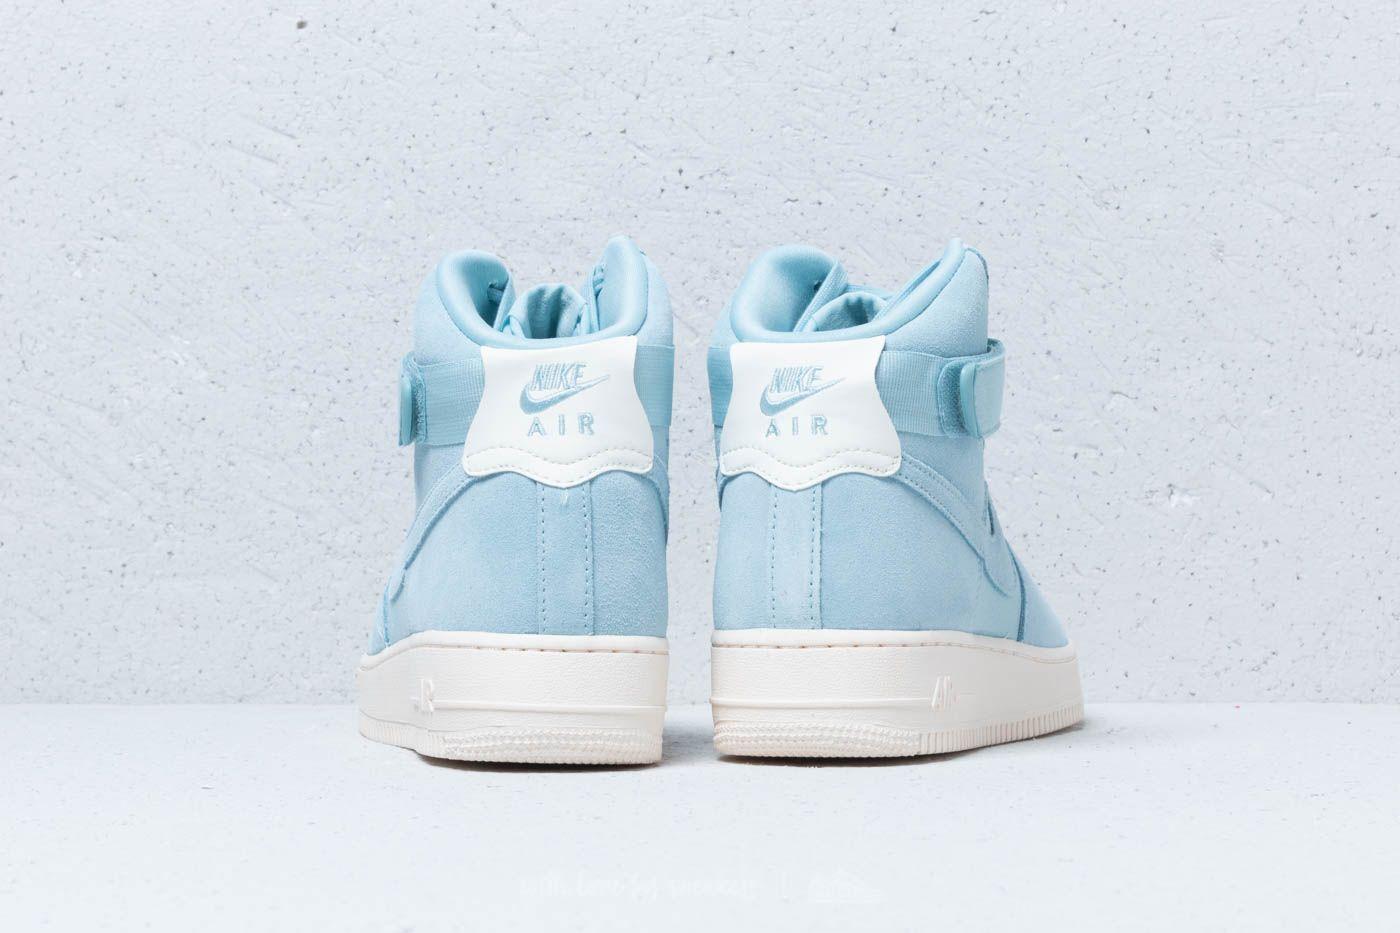 Cheap Men's Nike Air Force 1 High Shoes Baby Blue AQ8649 400